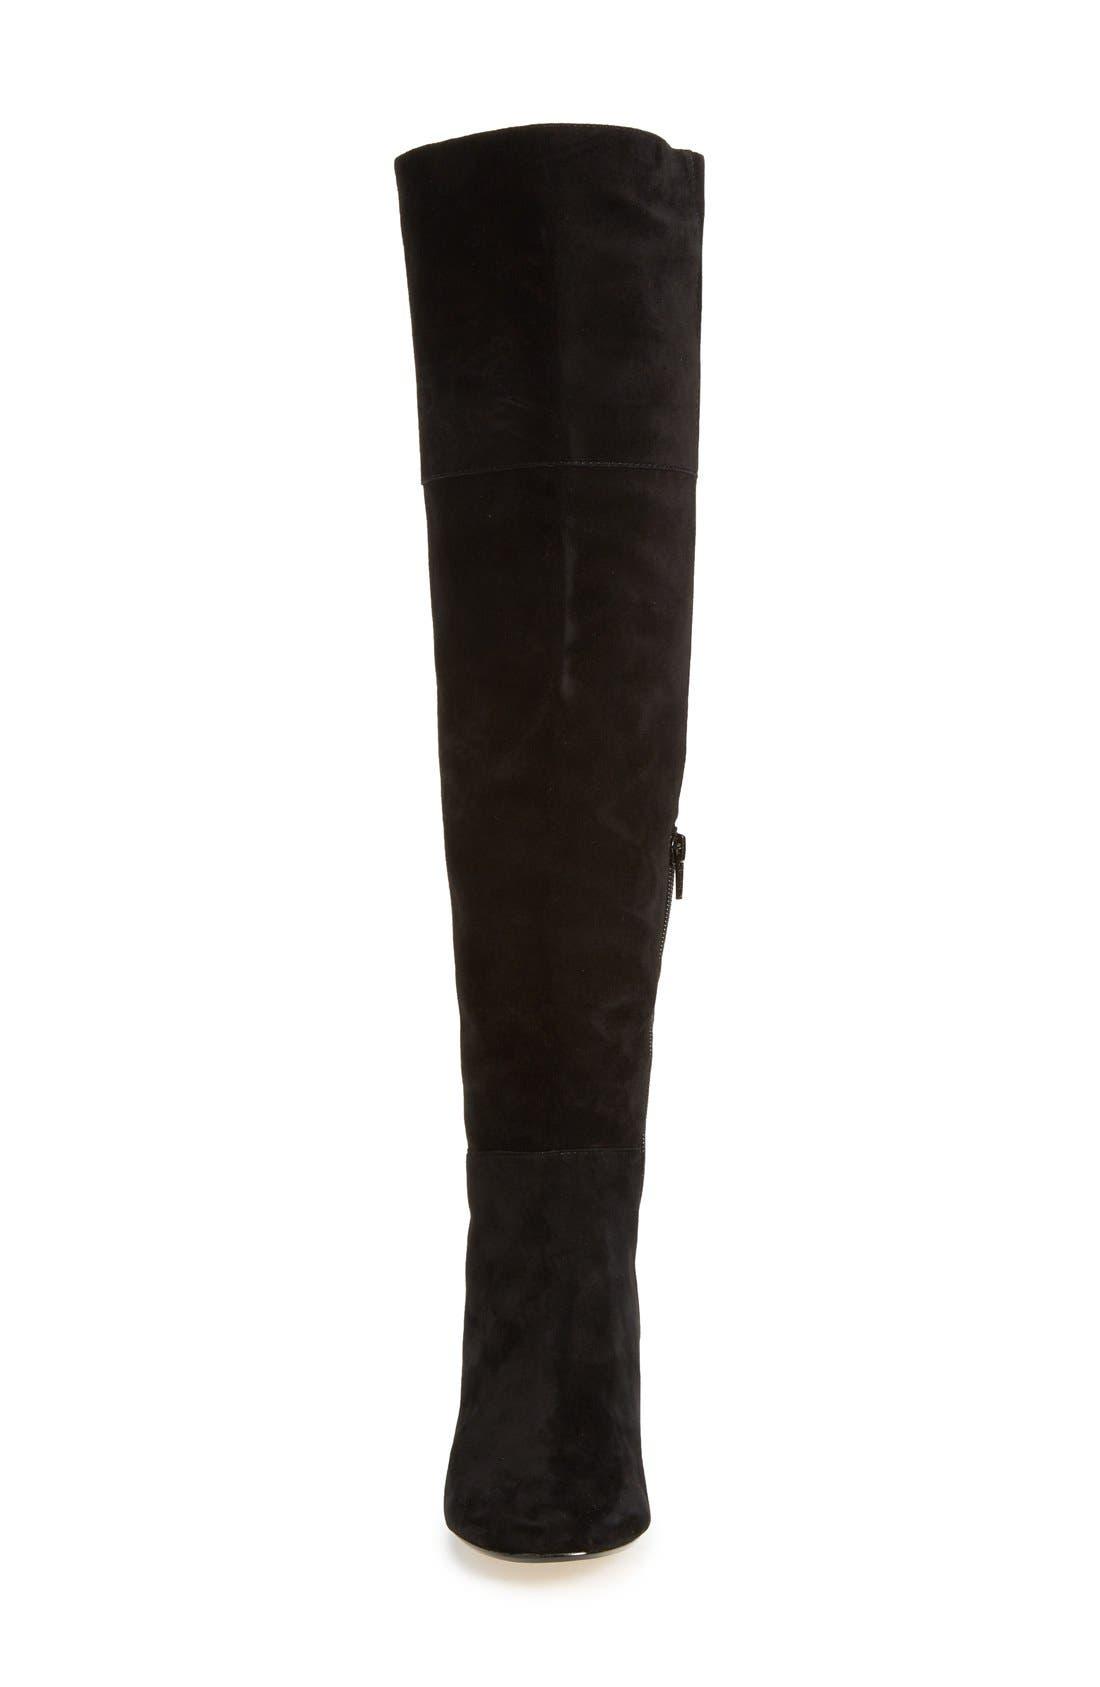 Alternate Image 3  - Dune London 'Sanford' Tall Boot (Women)